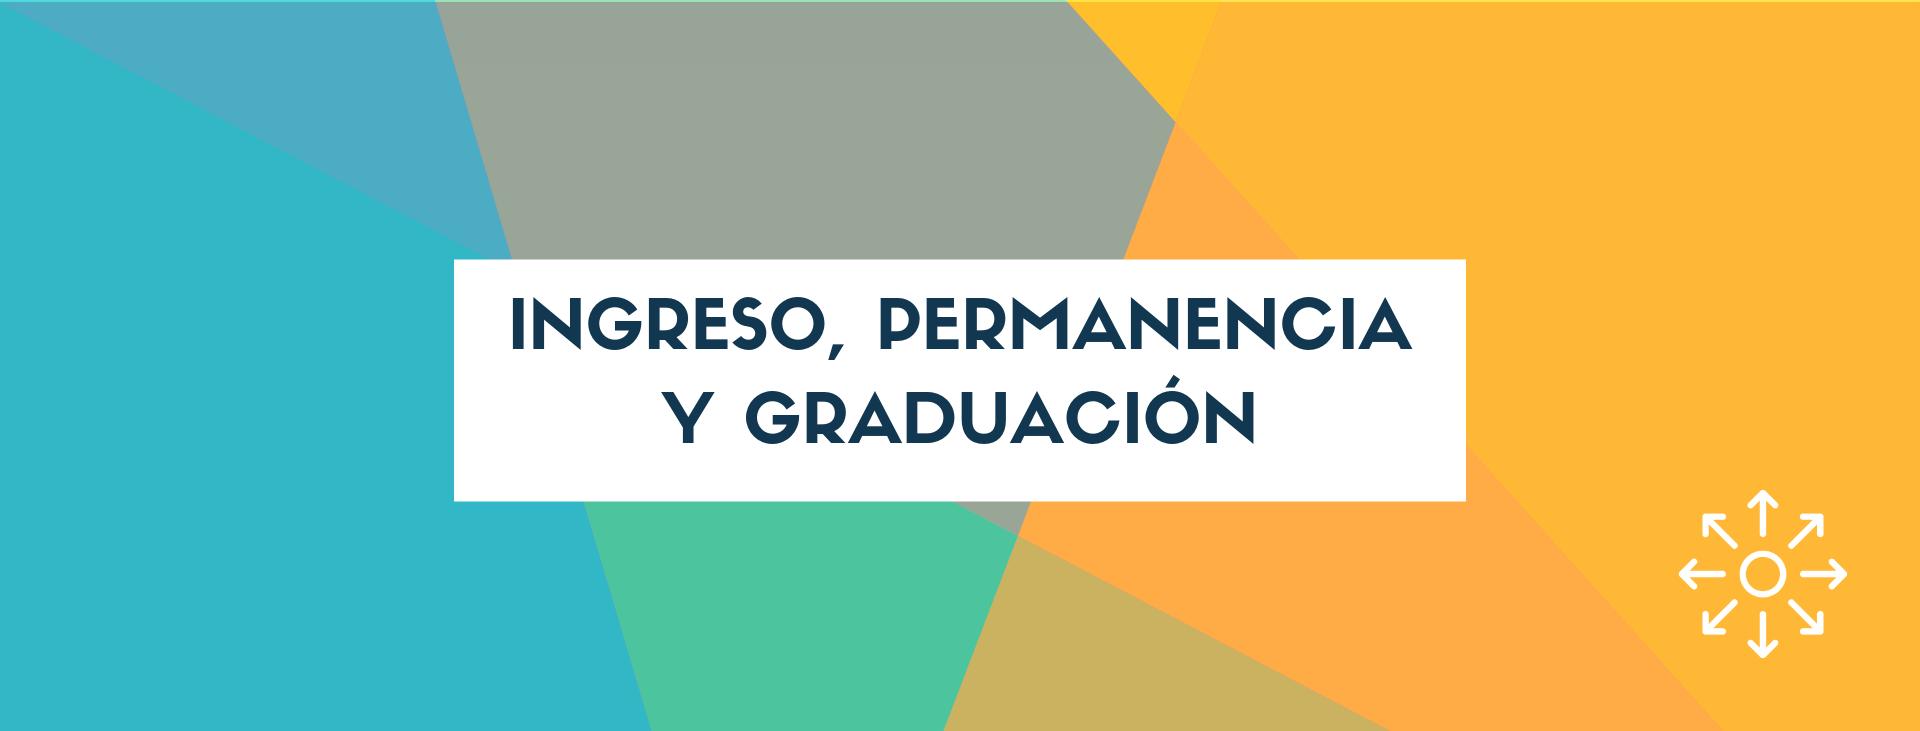 Ingreso, permanencia y graduación